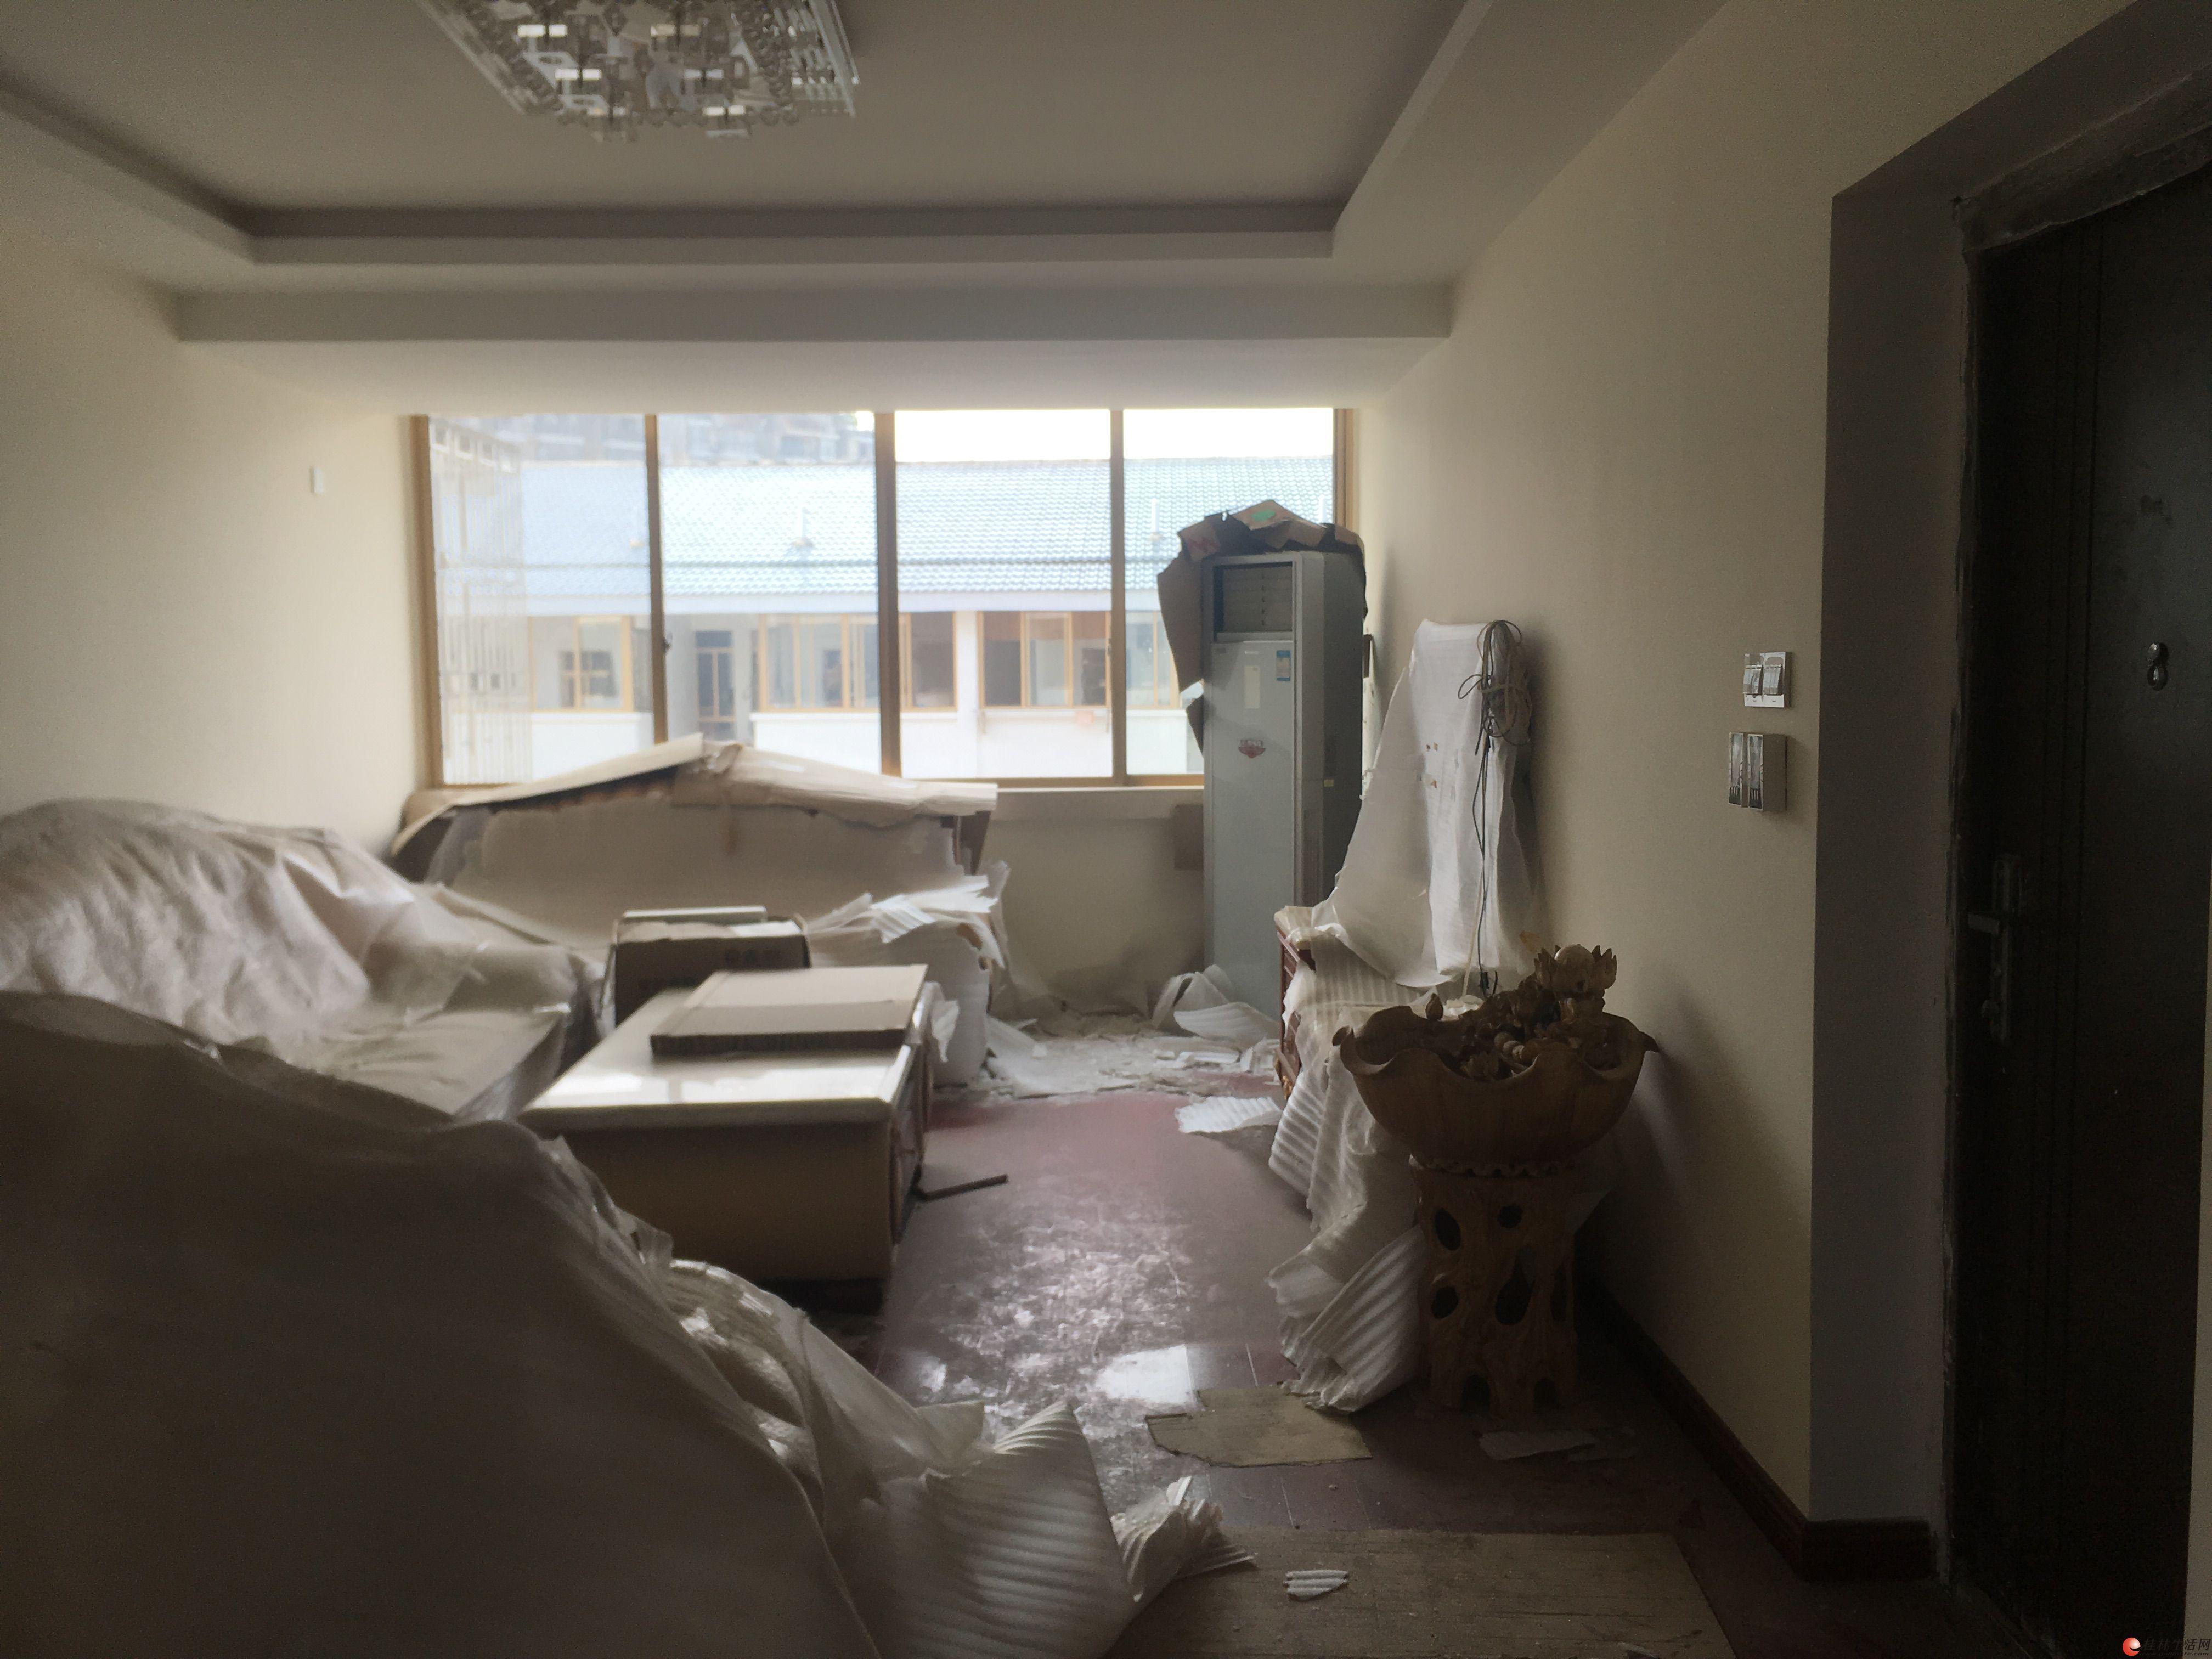 J公园绿涛湾复式5房2厅2卫 使用160平 仅110万送家具